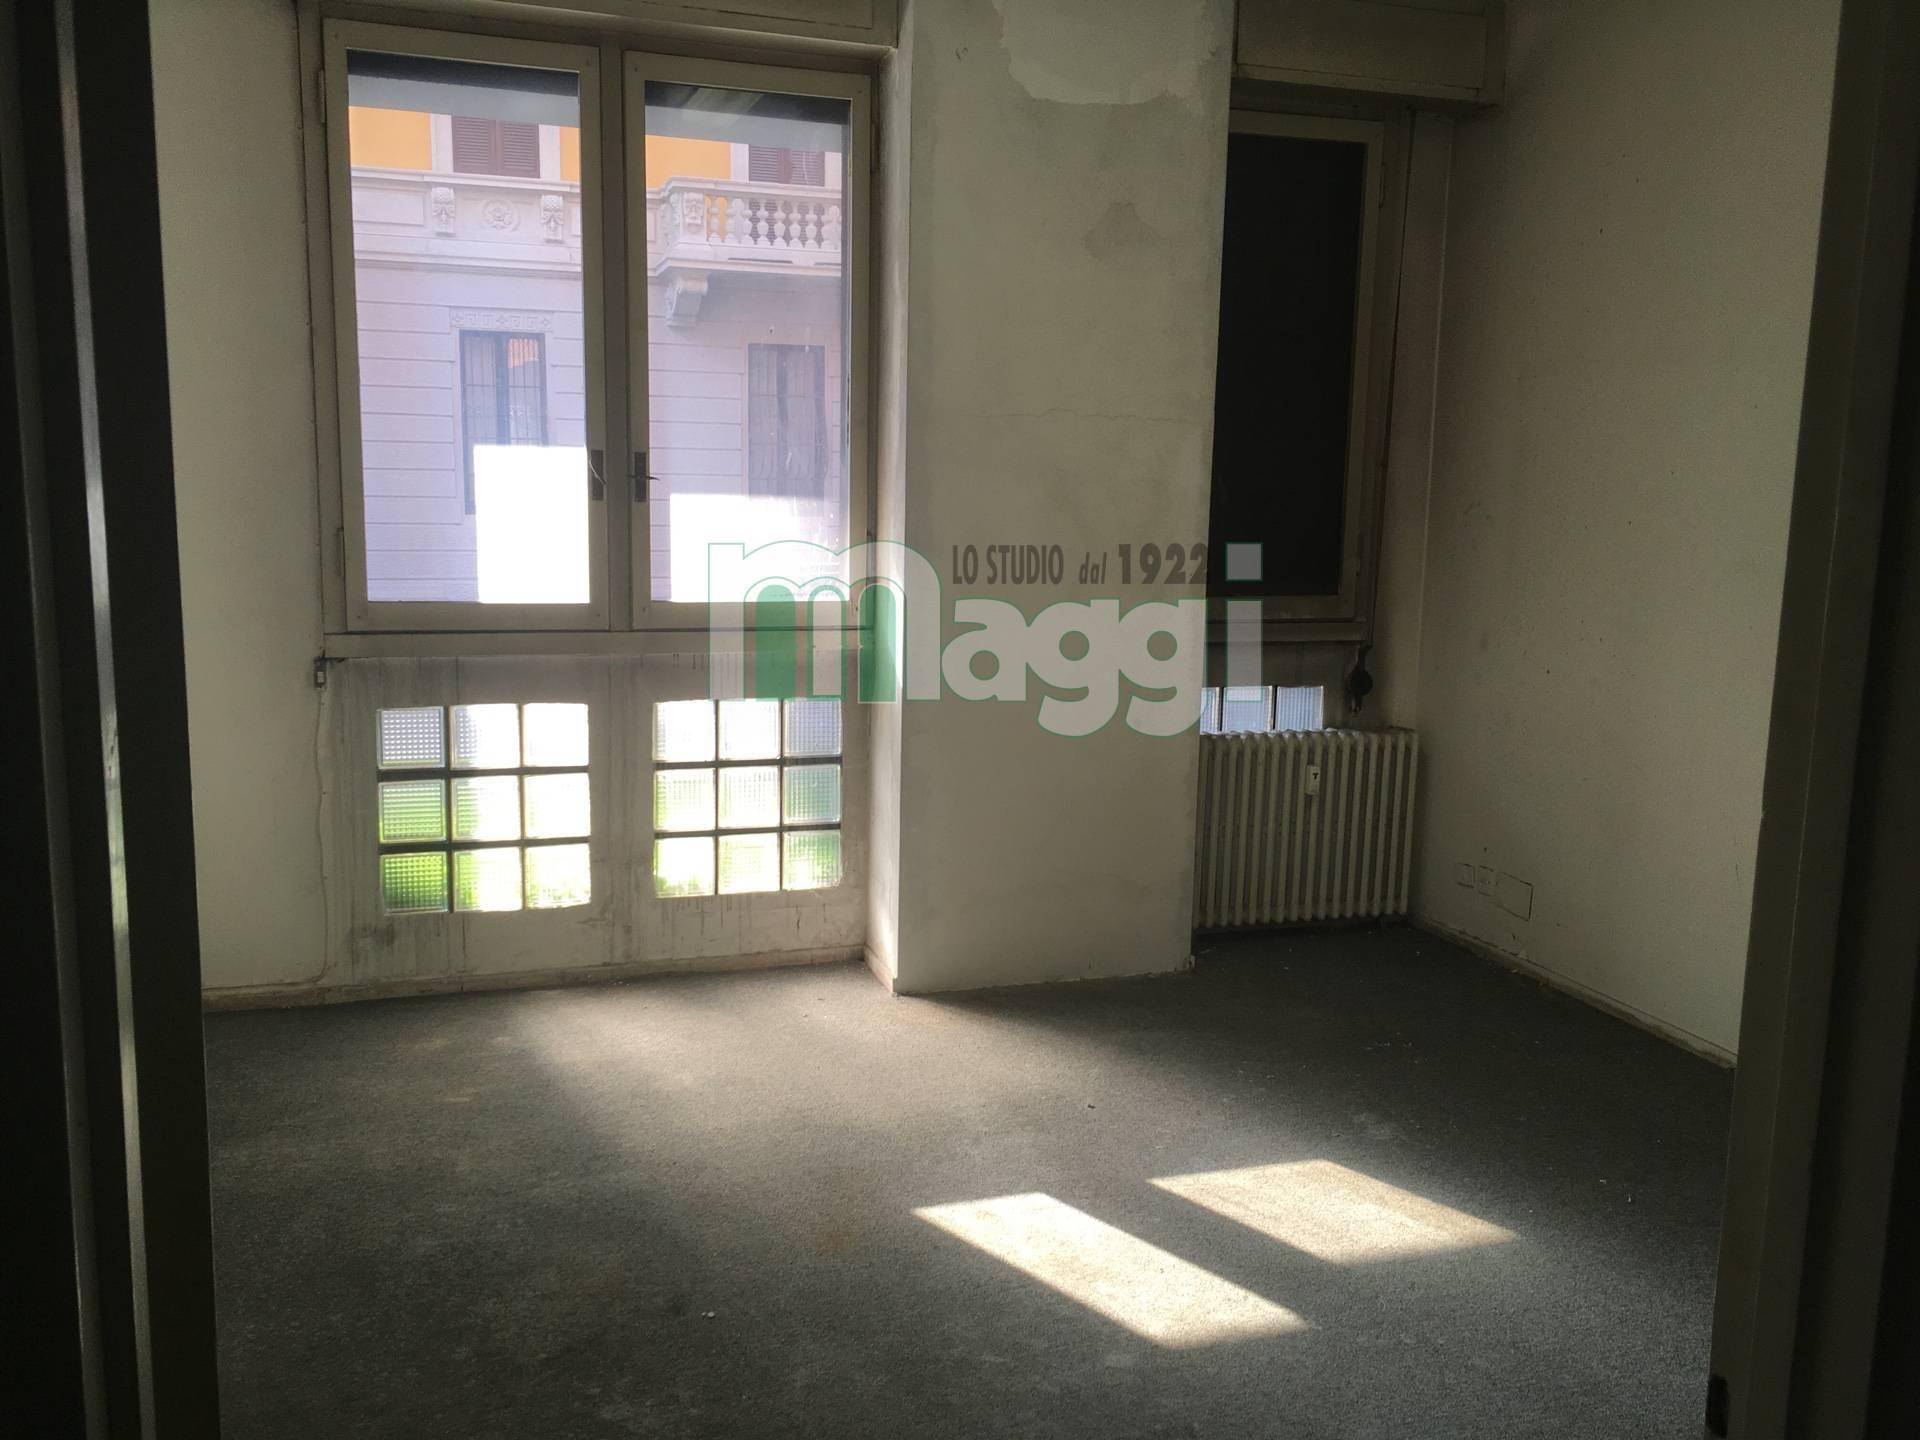 Ufficio-studio in Affitto a Milano 13 Marcona / Montenero / Umbria / Lomellina: 5 locali, 170 mq